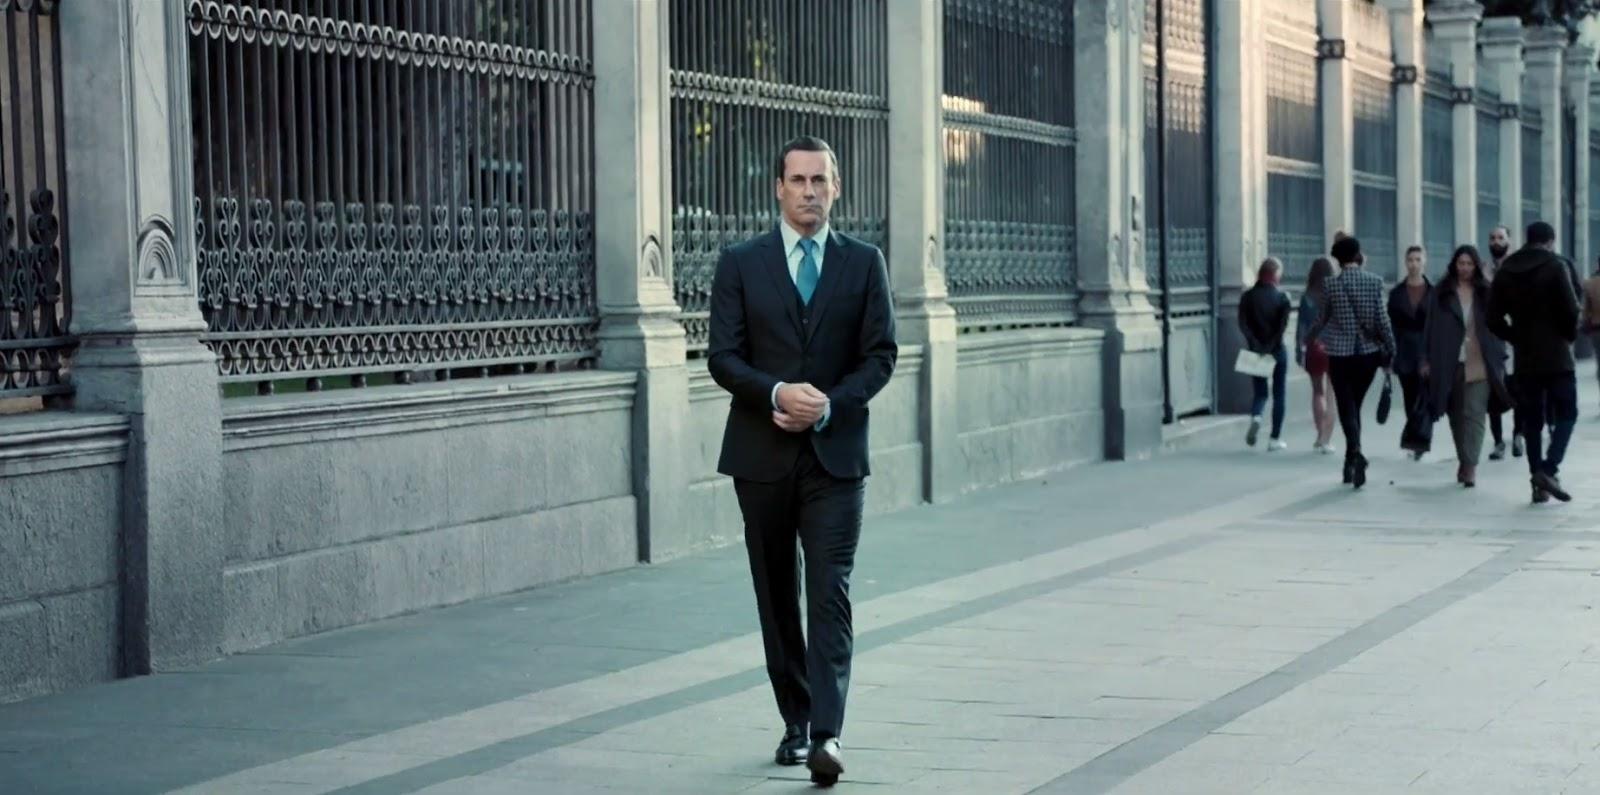 7ed1b7cbd 4 Lecciones que todo hombre debe aprender de Don Draper Suits ...